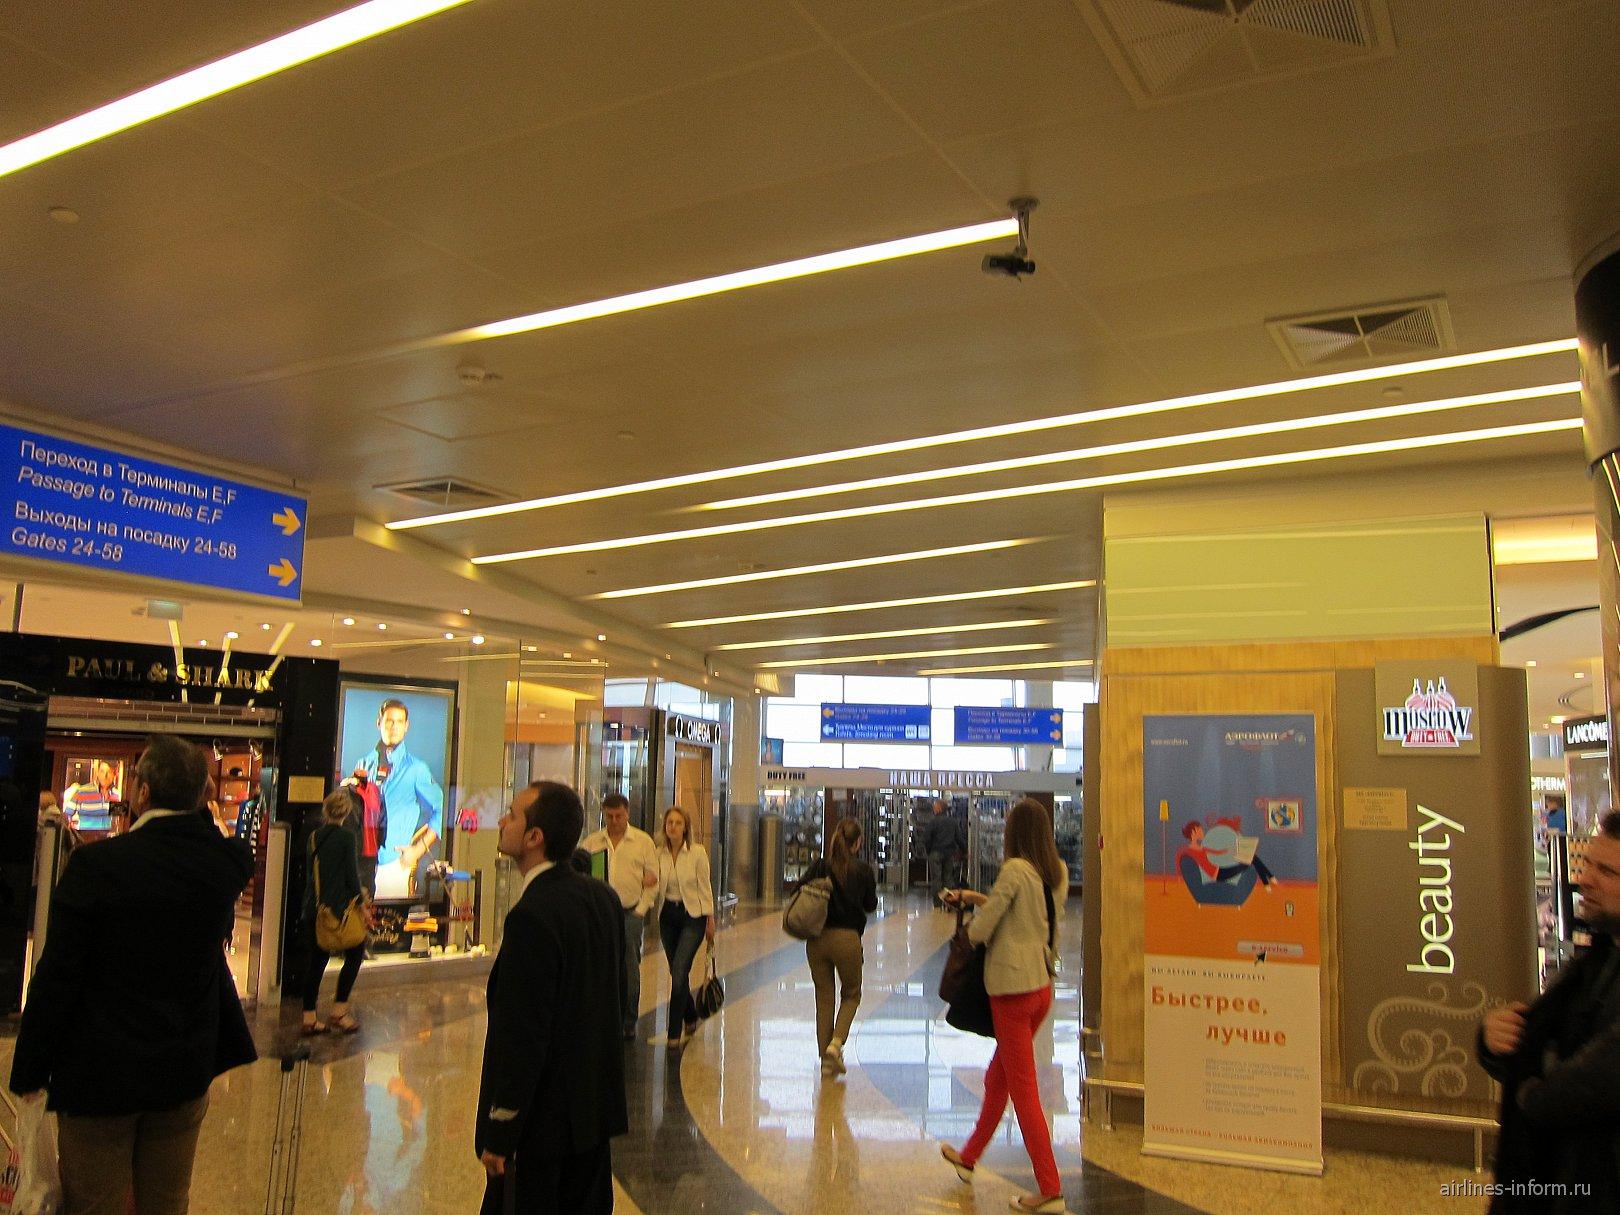 В терминале D аэропорта Шереметьево